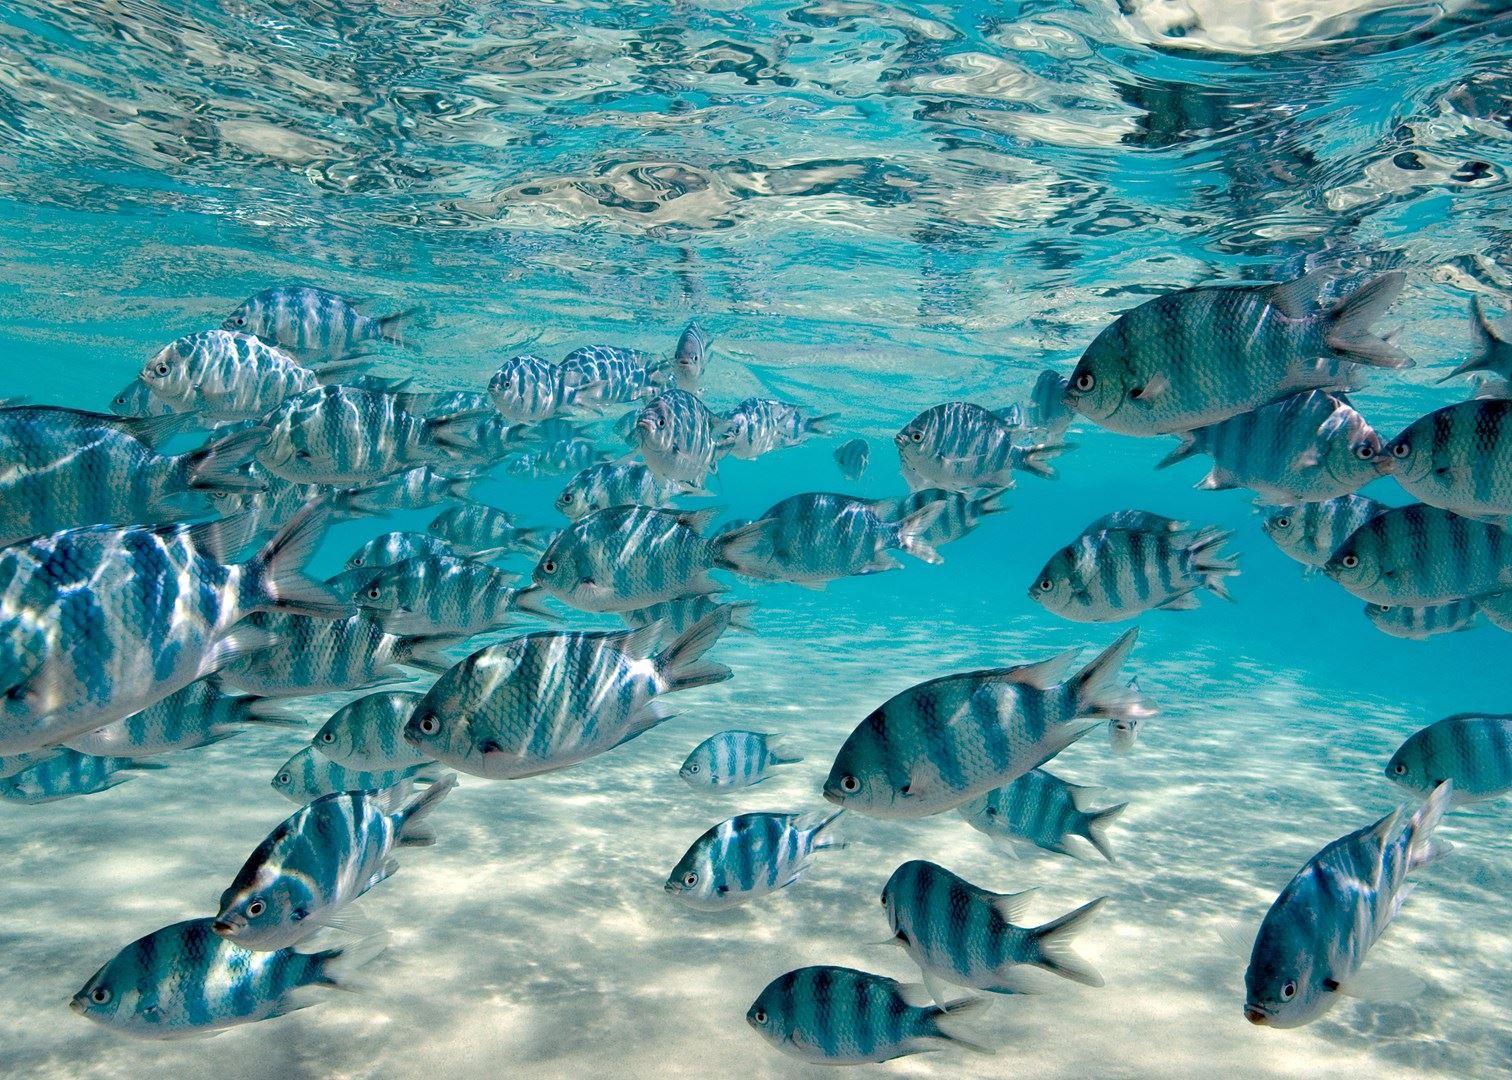 嫌麻烦不吃龙虾的岛国:吃鱼只吃好看的,海参椰子蟹随便吃图片